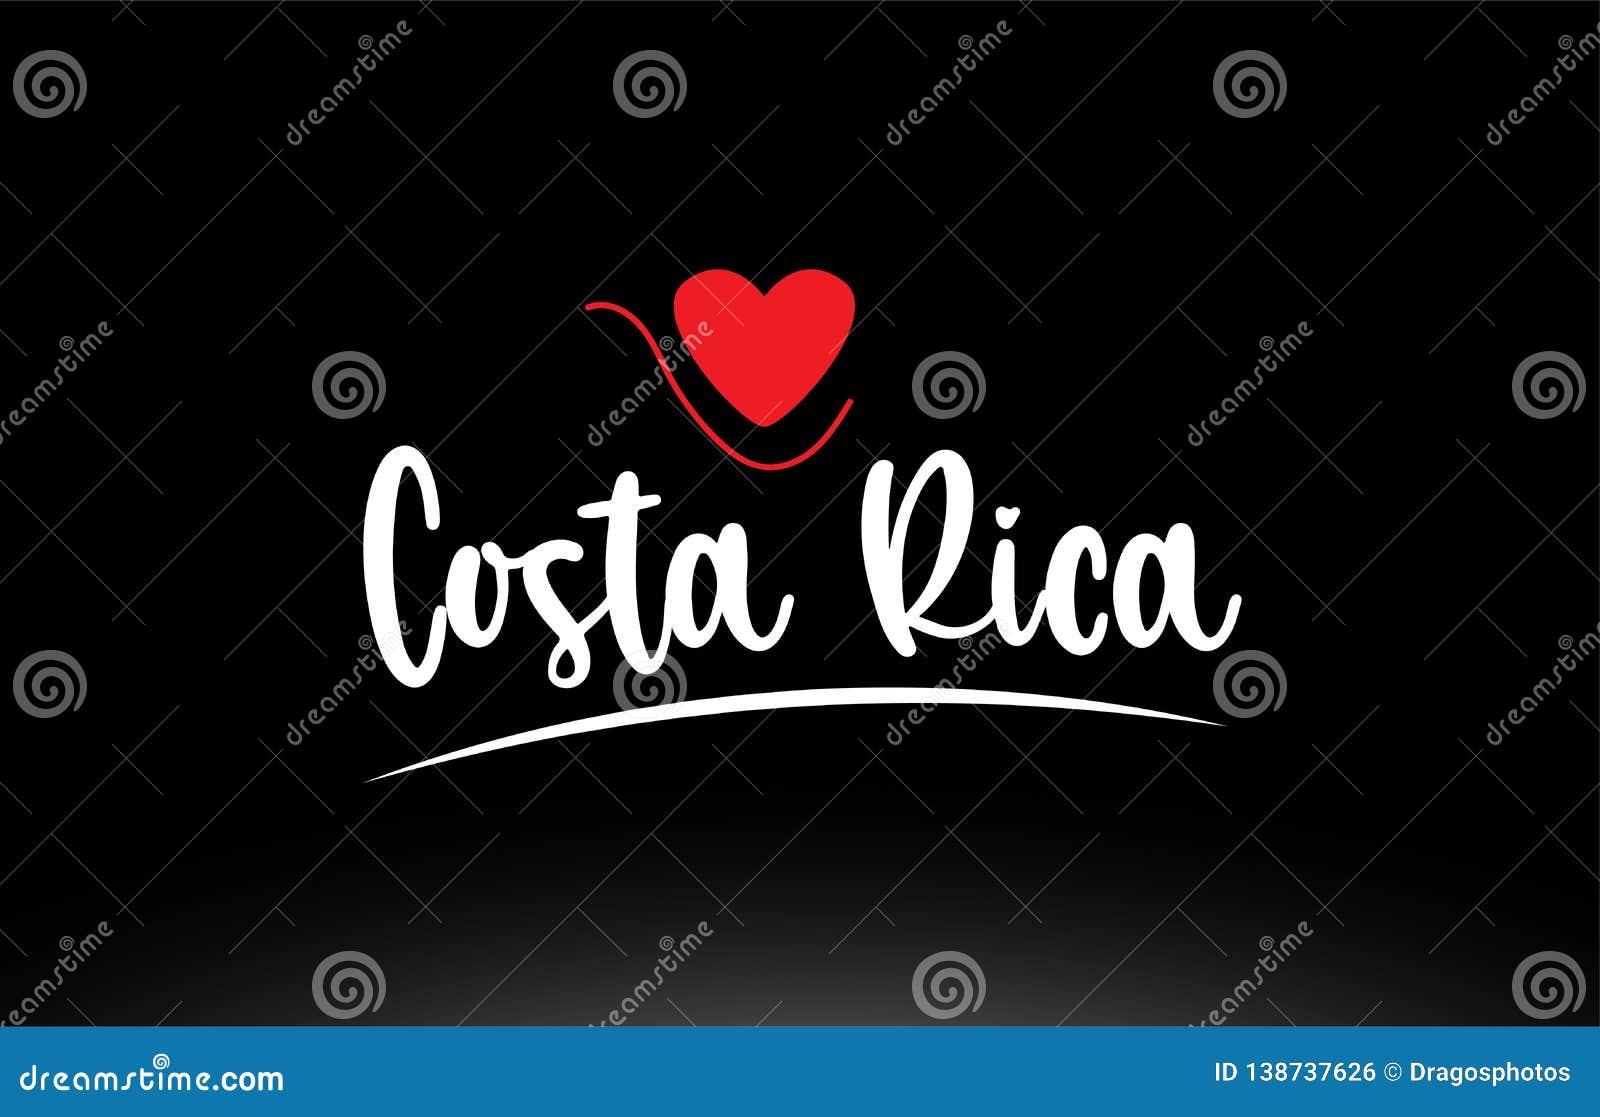 Design för symbol för logo för typografi för Costa Rica landstext på svart bakgrund